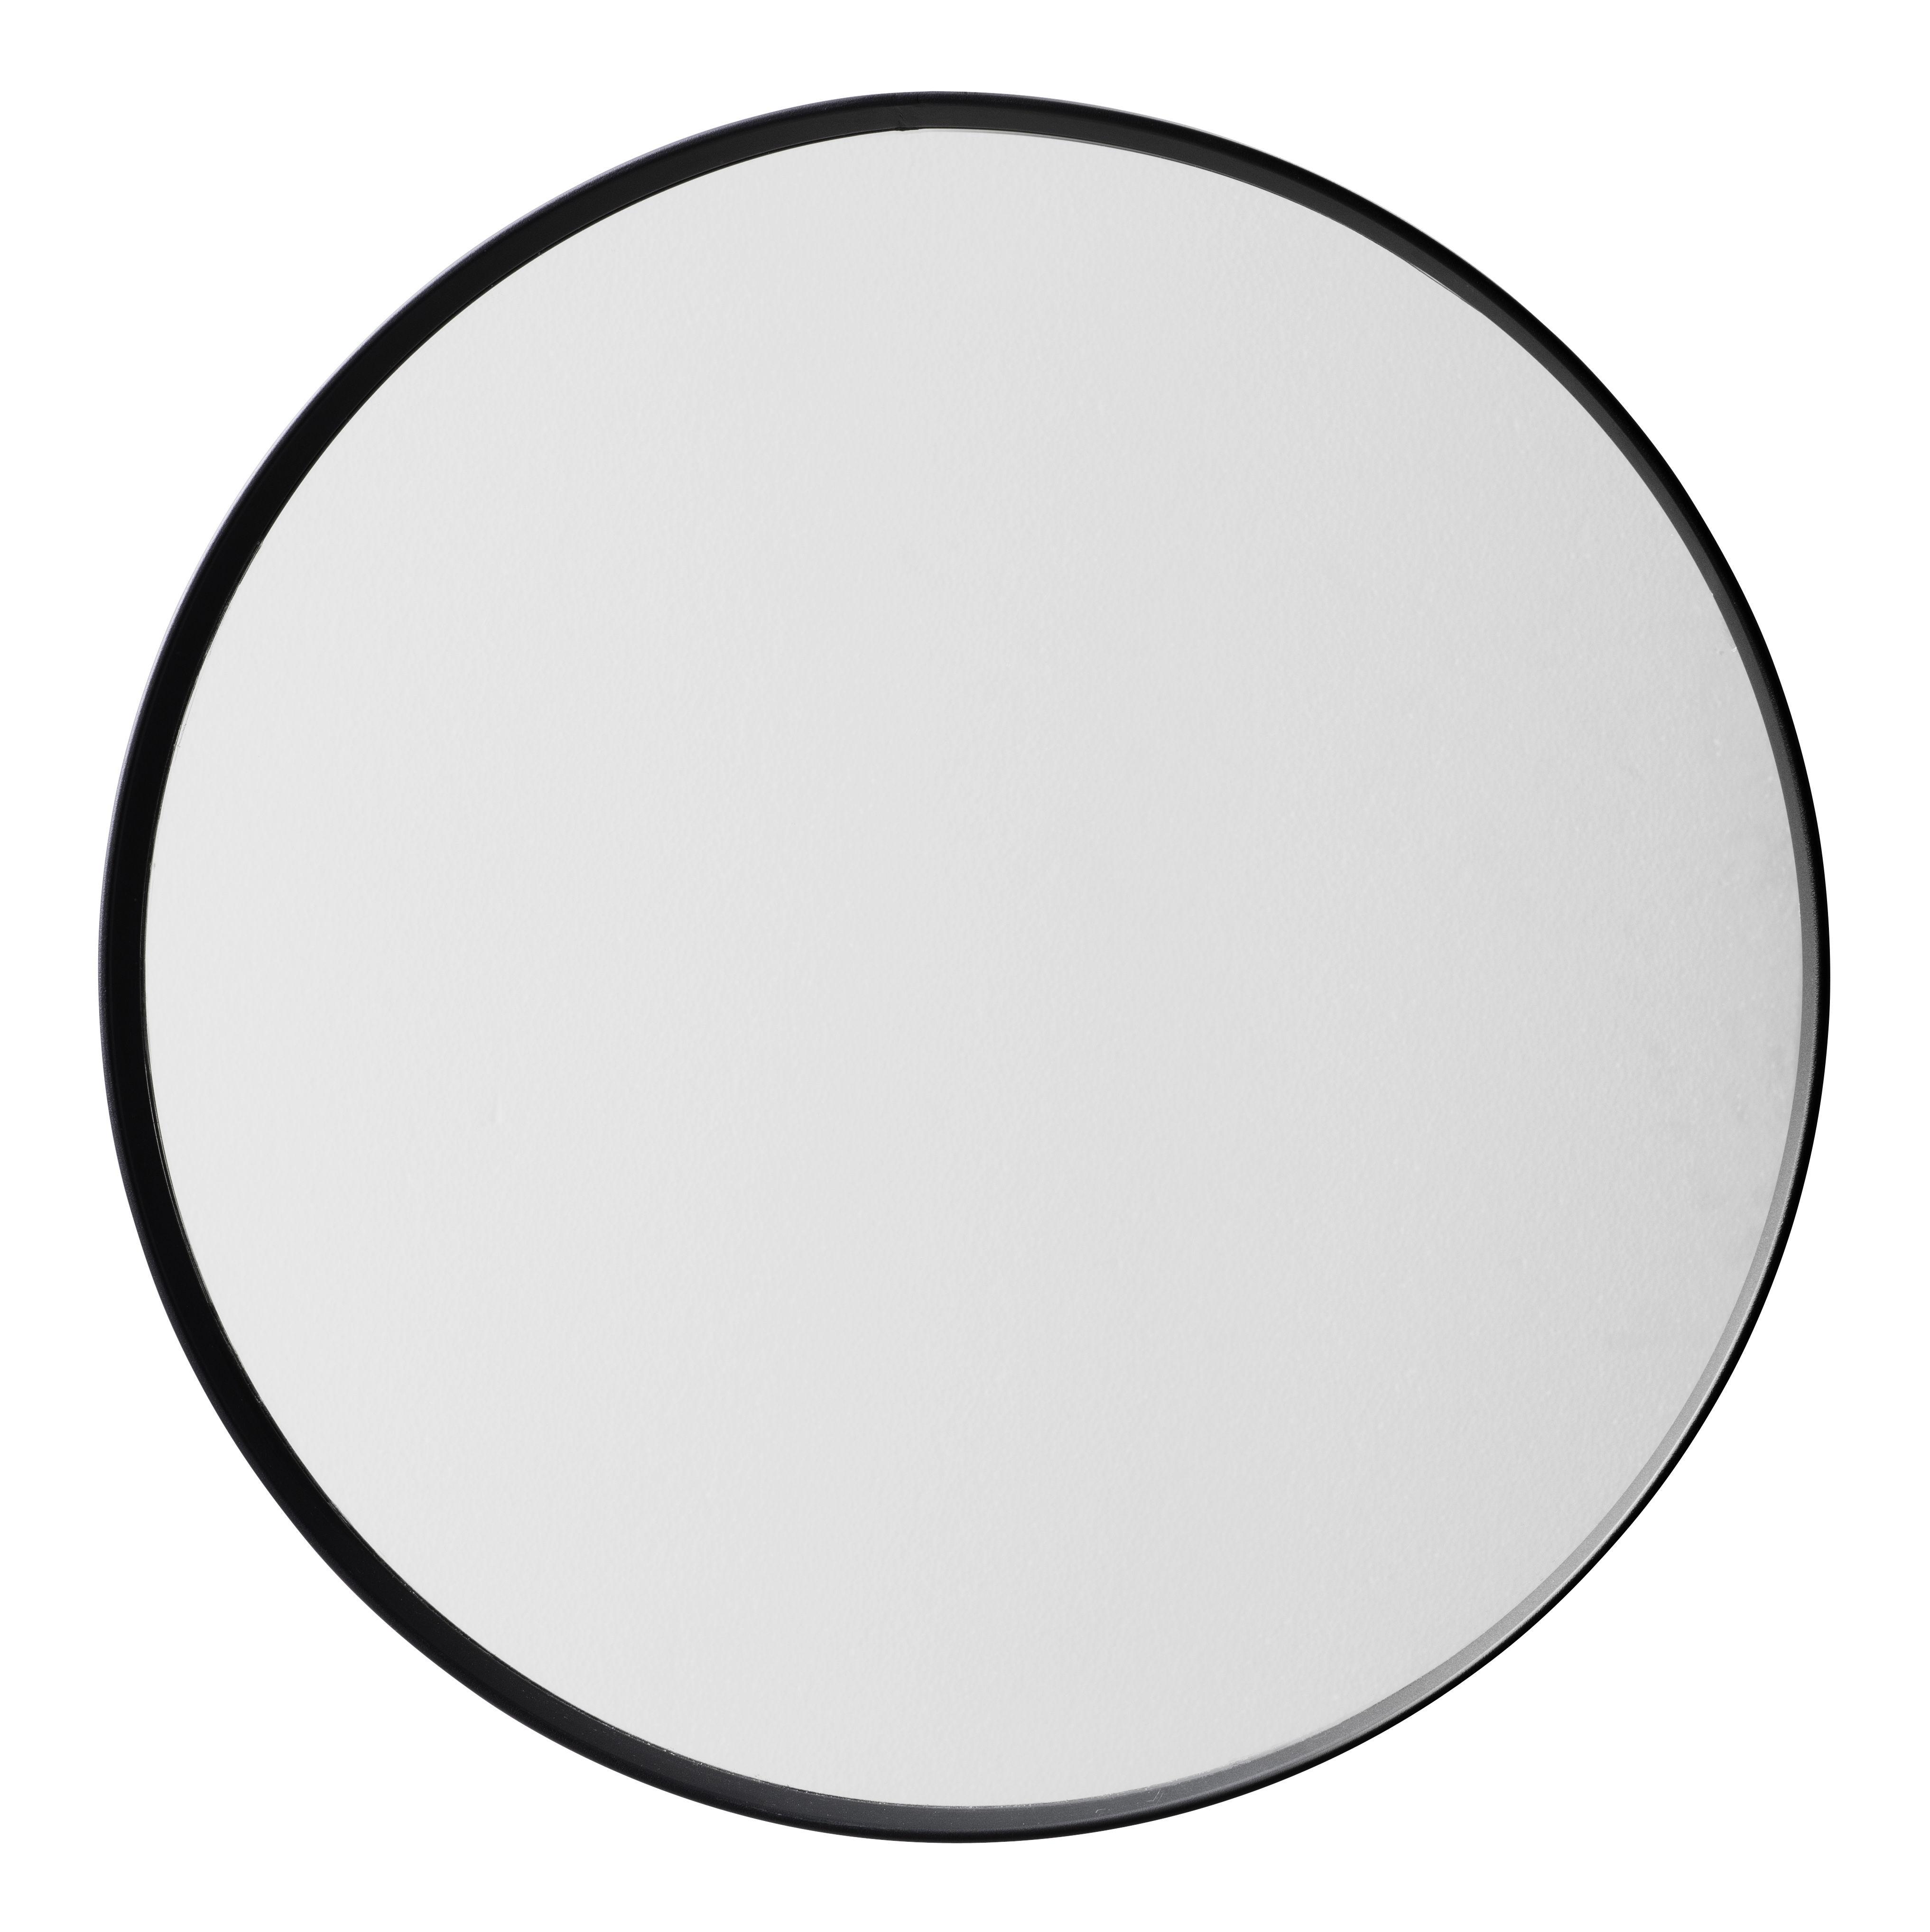 Miroir norm 60 cm noir menu - Miroir rond 35 cm ...